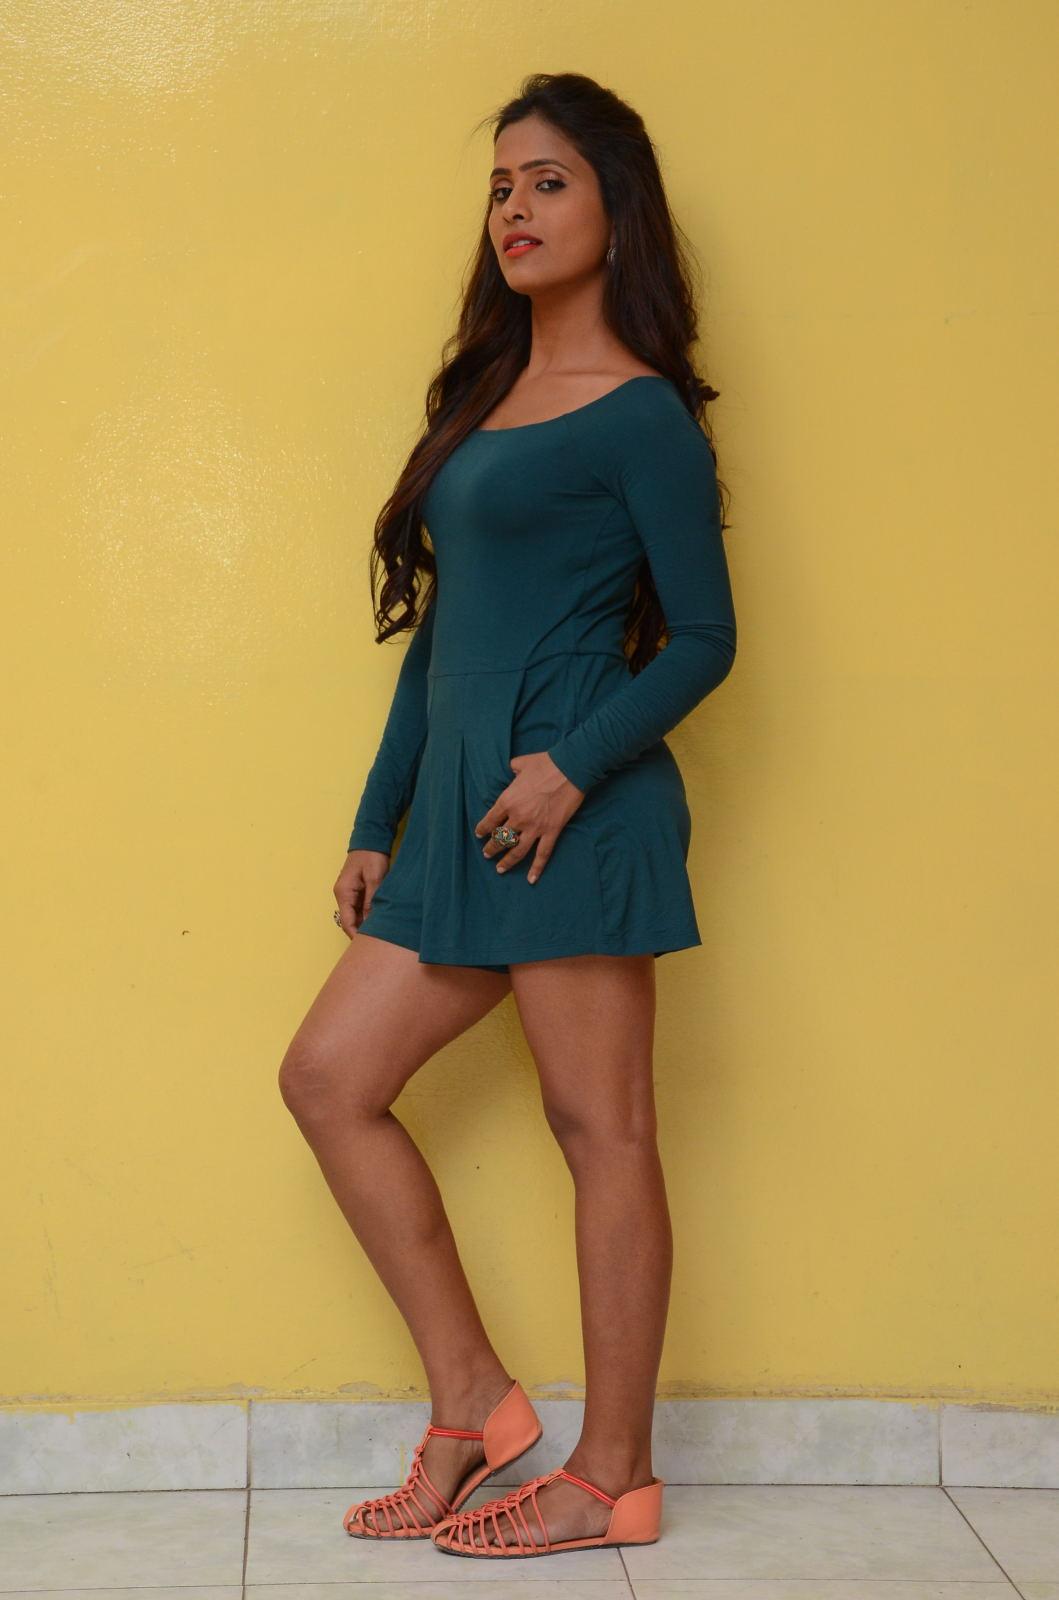 prashanthi Super Hot Prashanthi In Sexy Outfit | Indian Cinema | Models | Actresses Prashanthi Hot Photo Stills 125